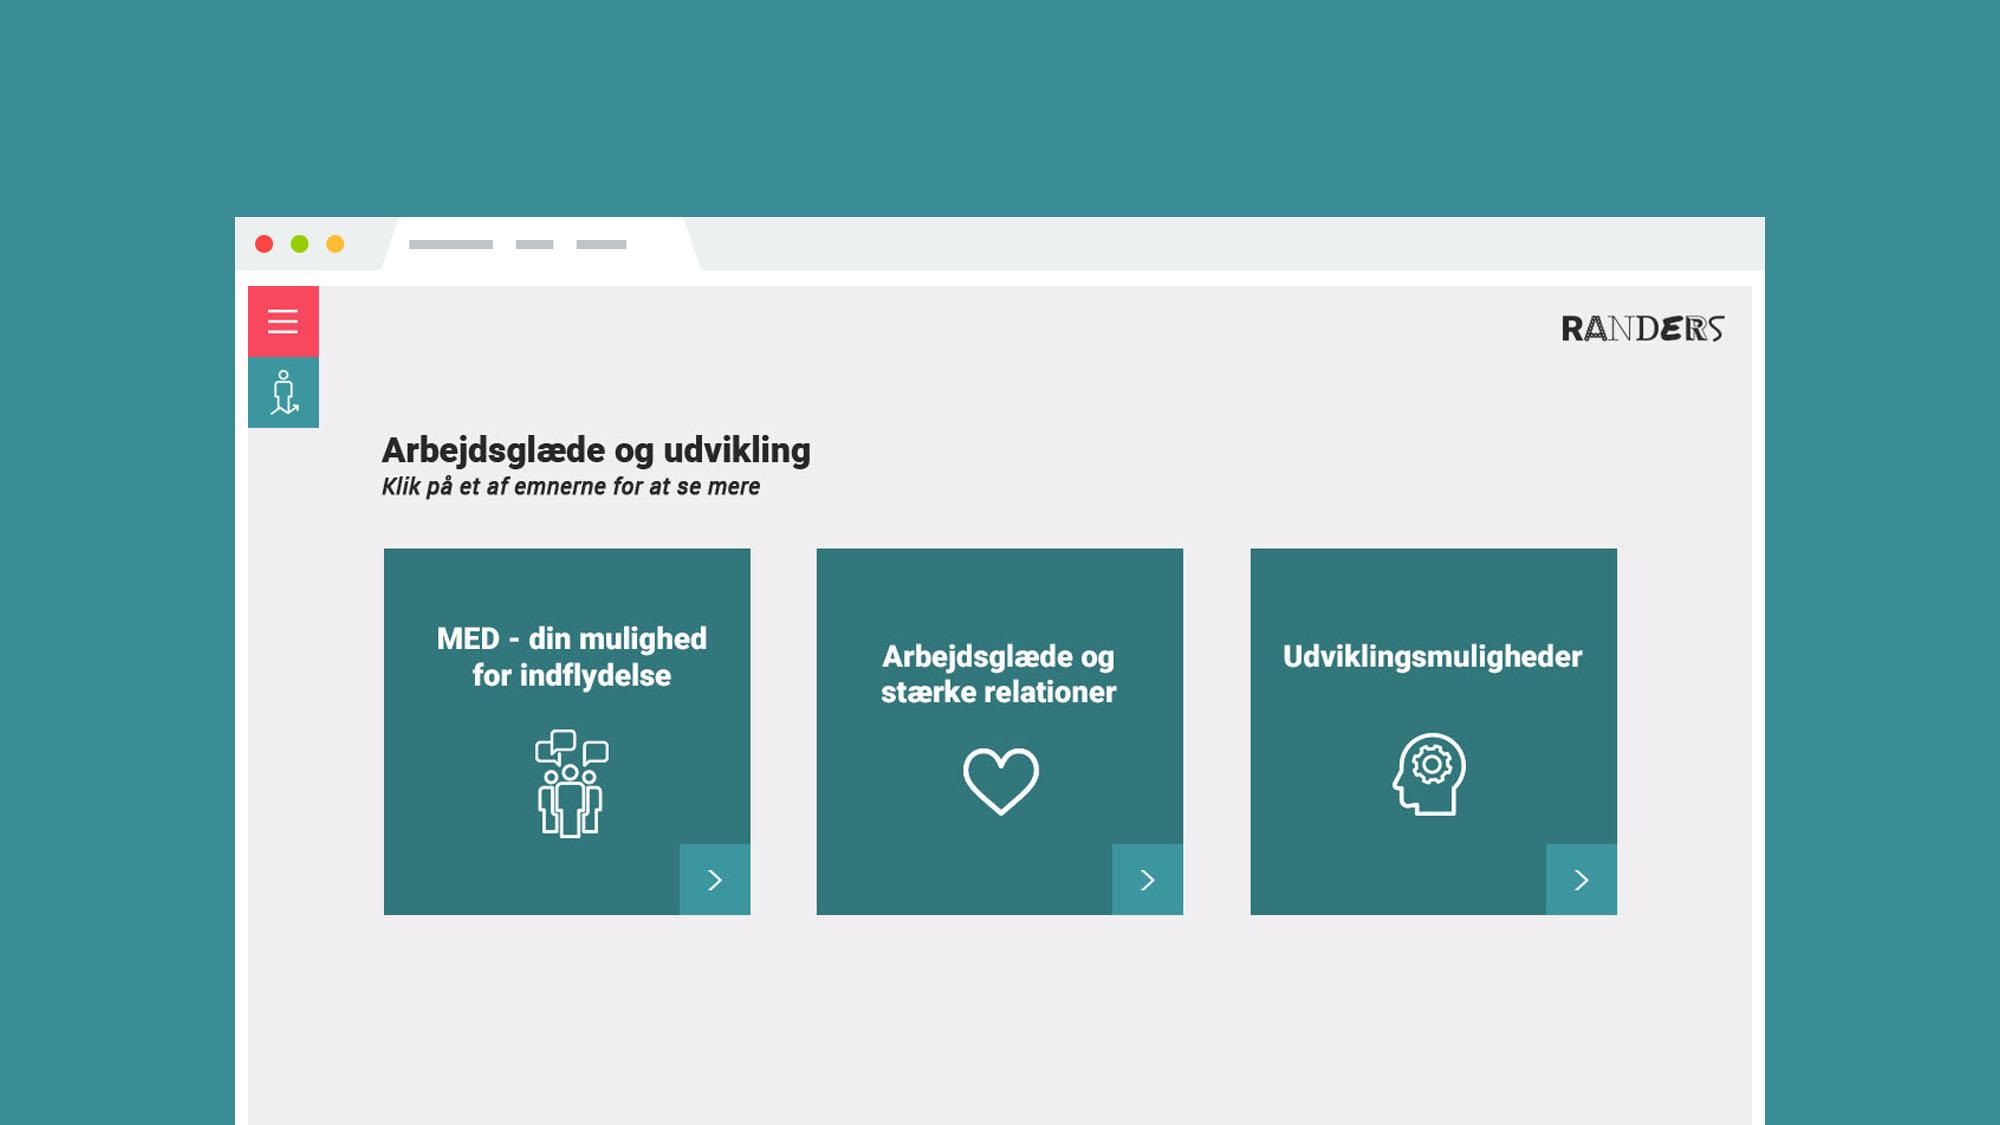 randers kommune e-læring